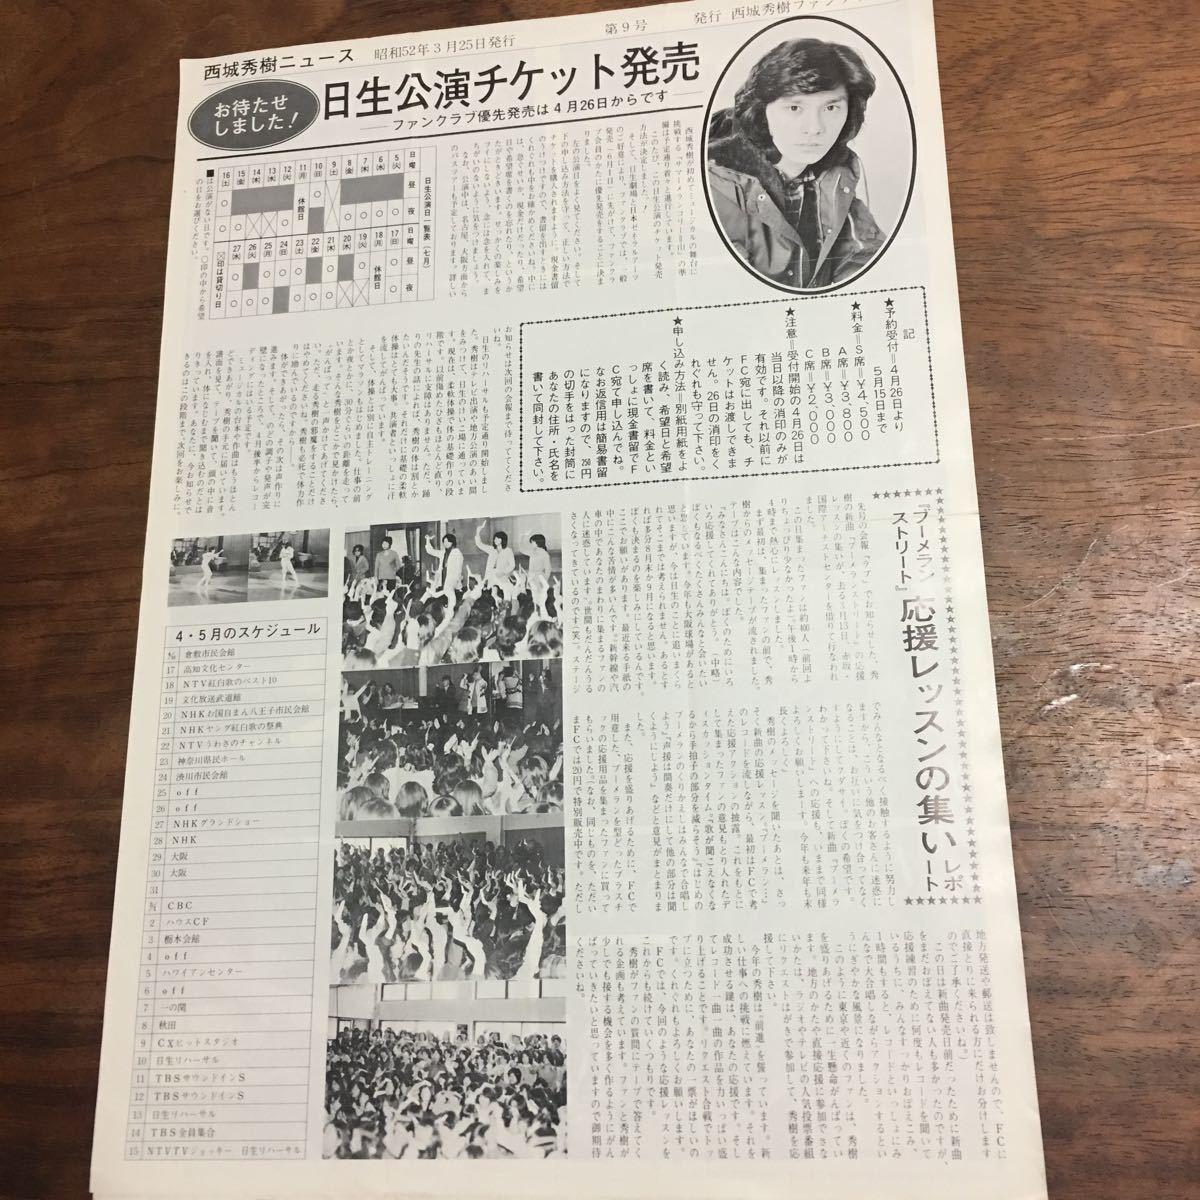 西城秀樹 ファンクラブ会報誌 西城秀樹ニュース 昭和51年 6号~10号_画像4